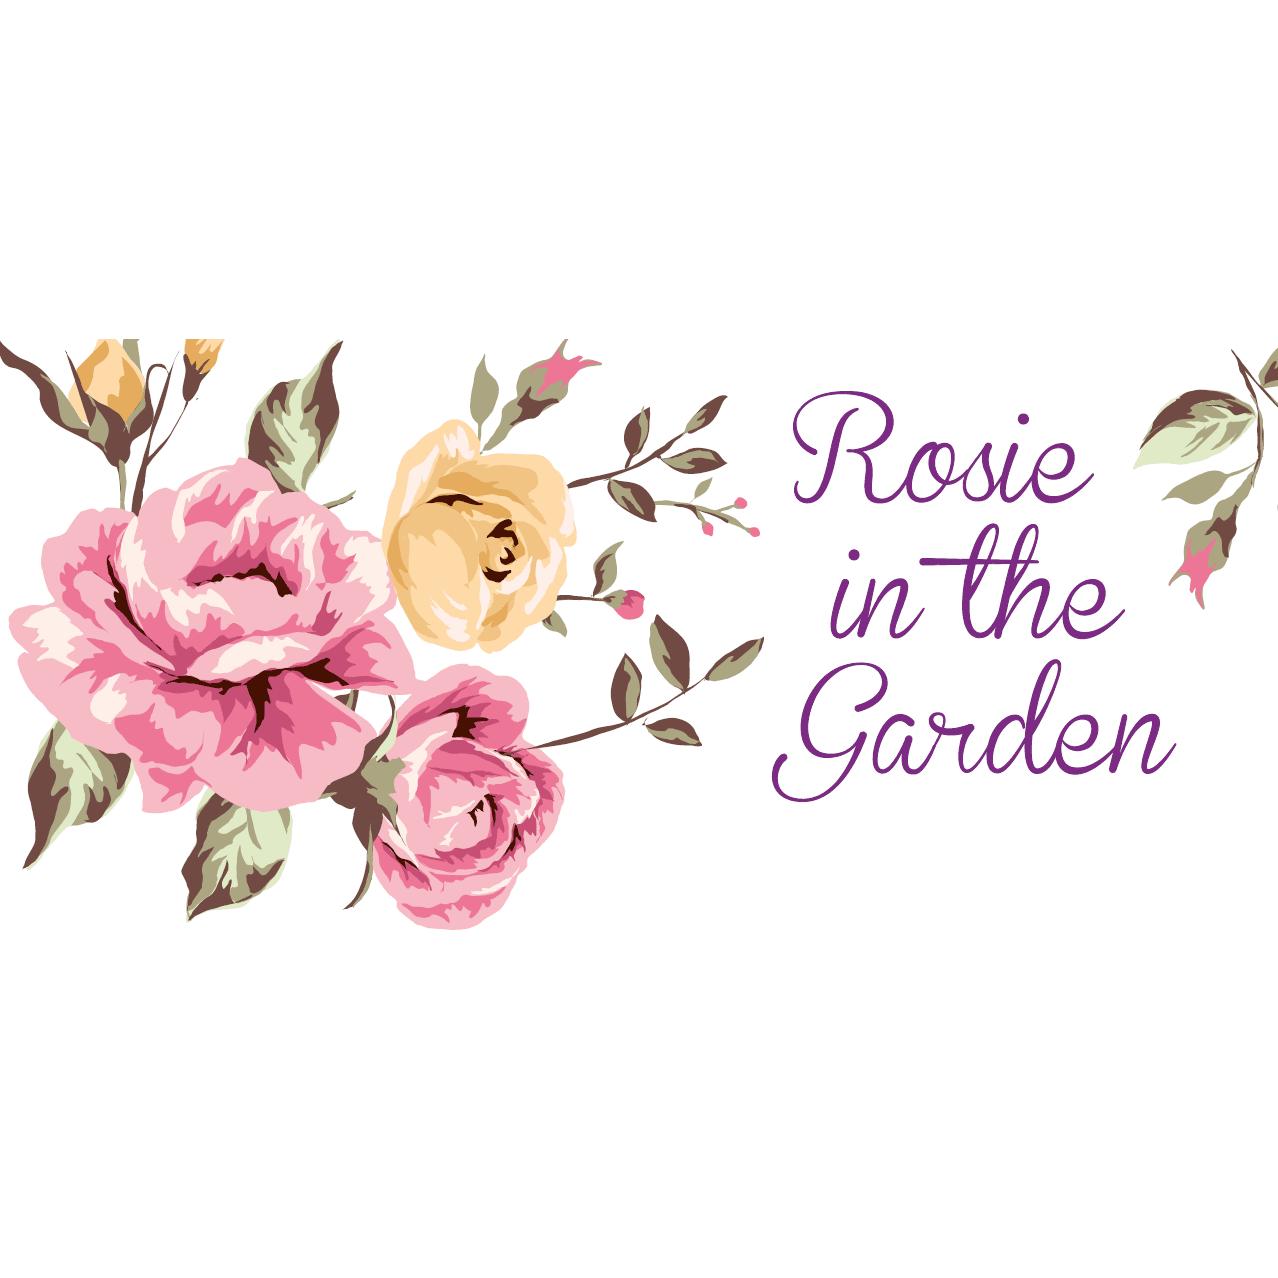 Rosie in the Garden - Telford, West Midlands TF3 5BZ - 01952 502838 | ShowMeLocal.com